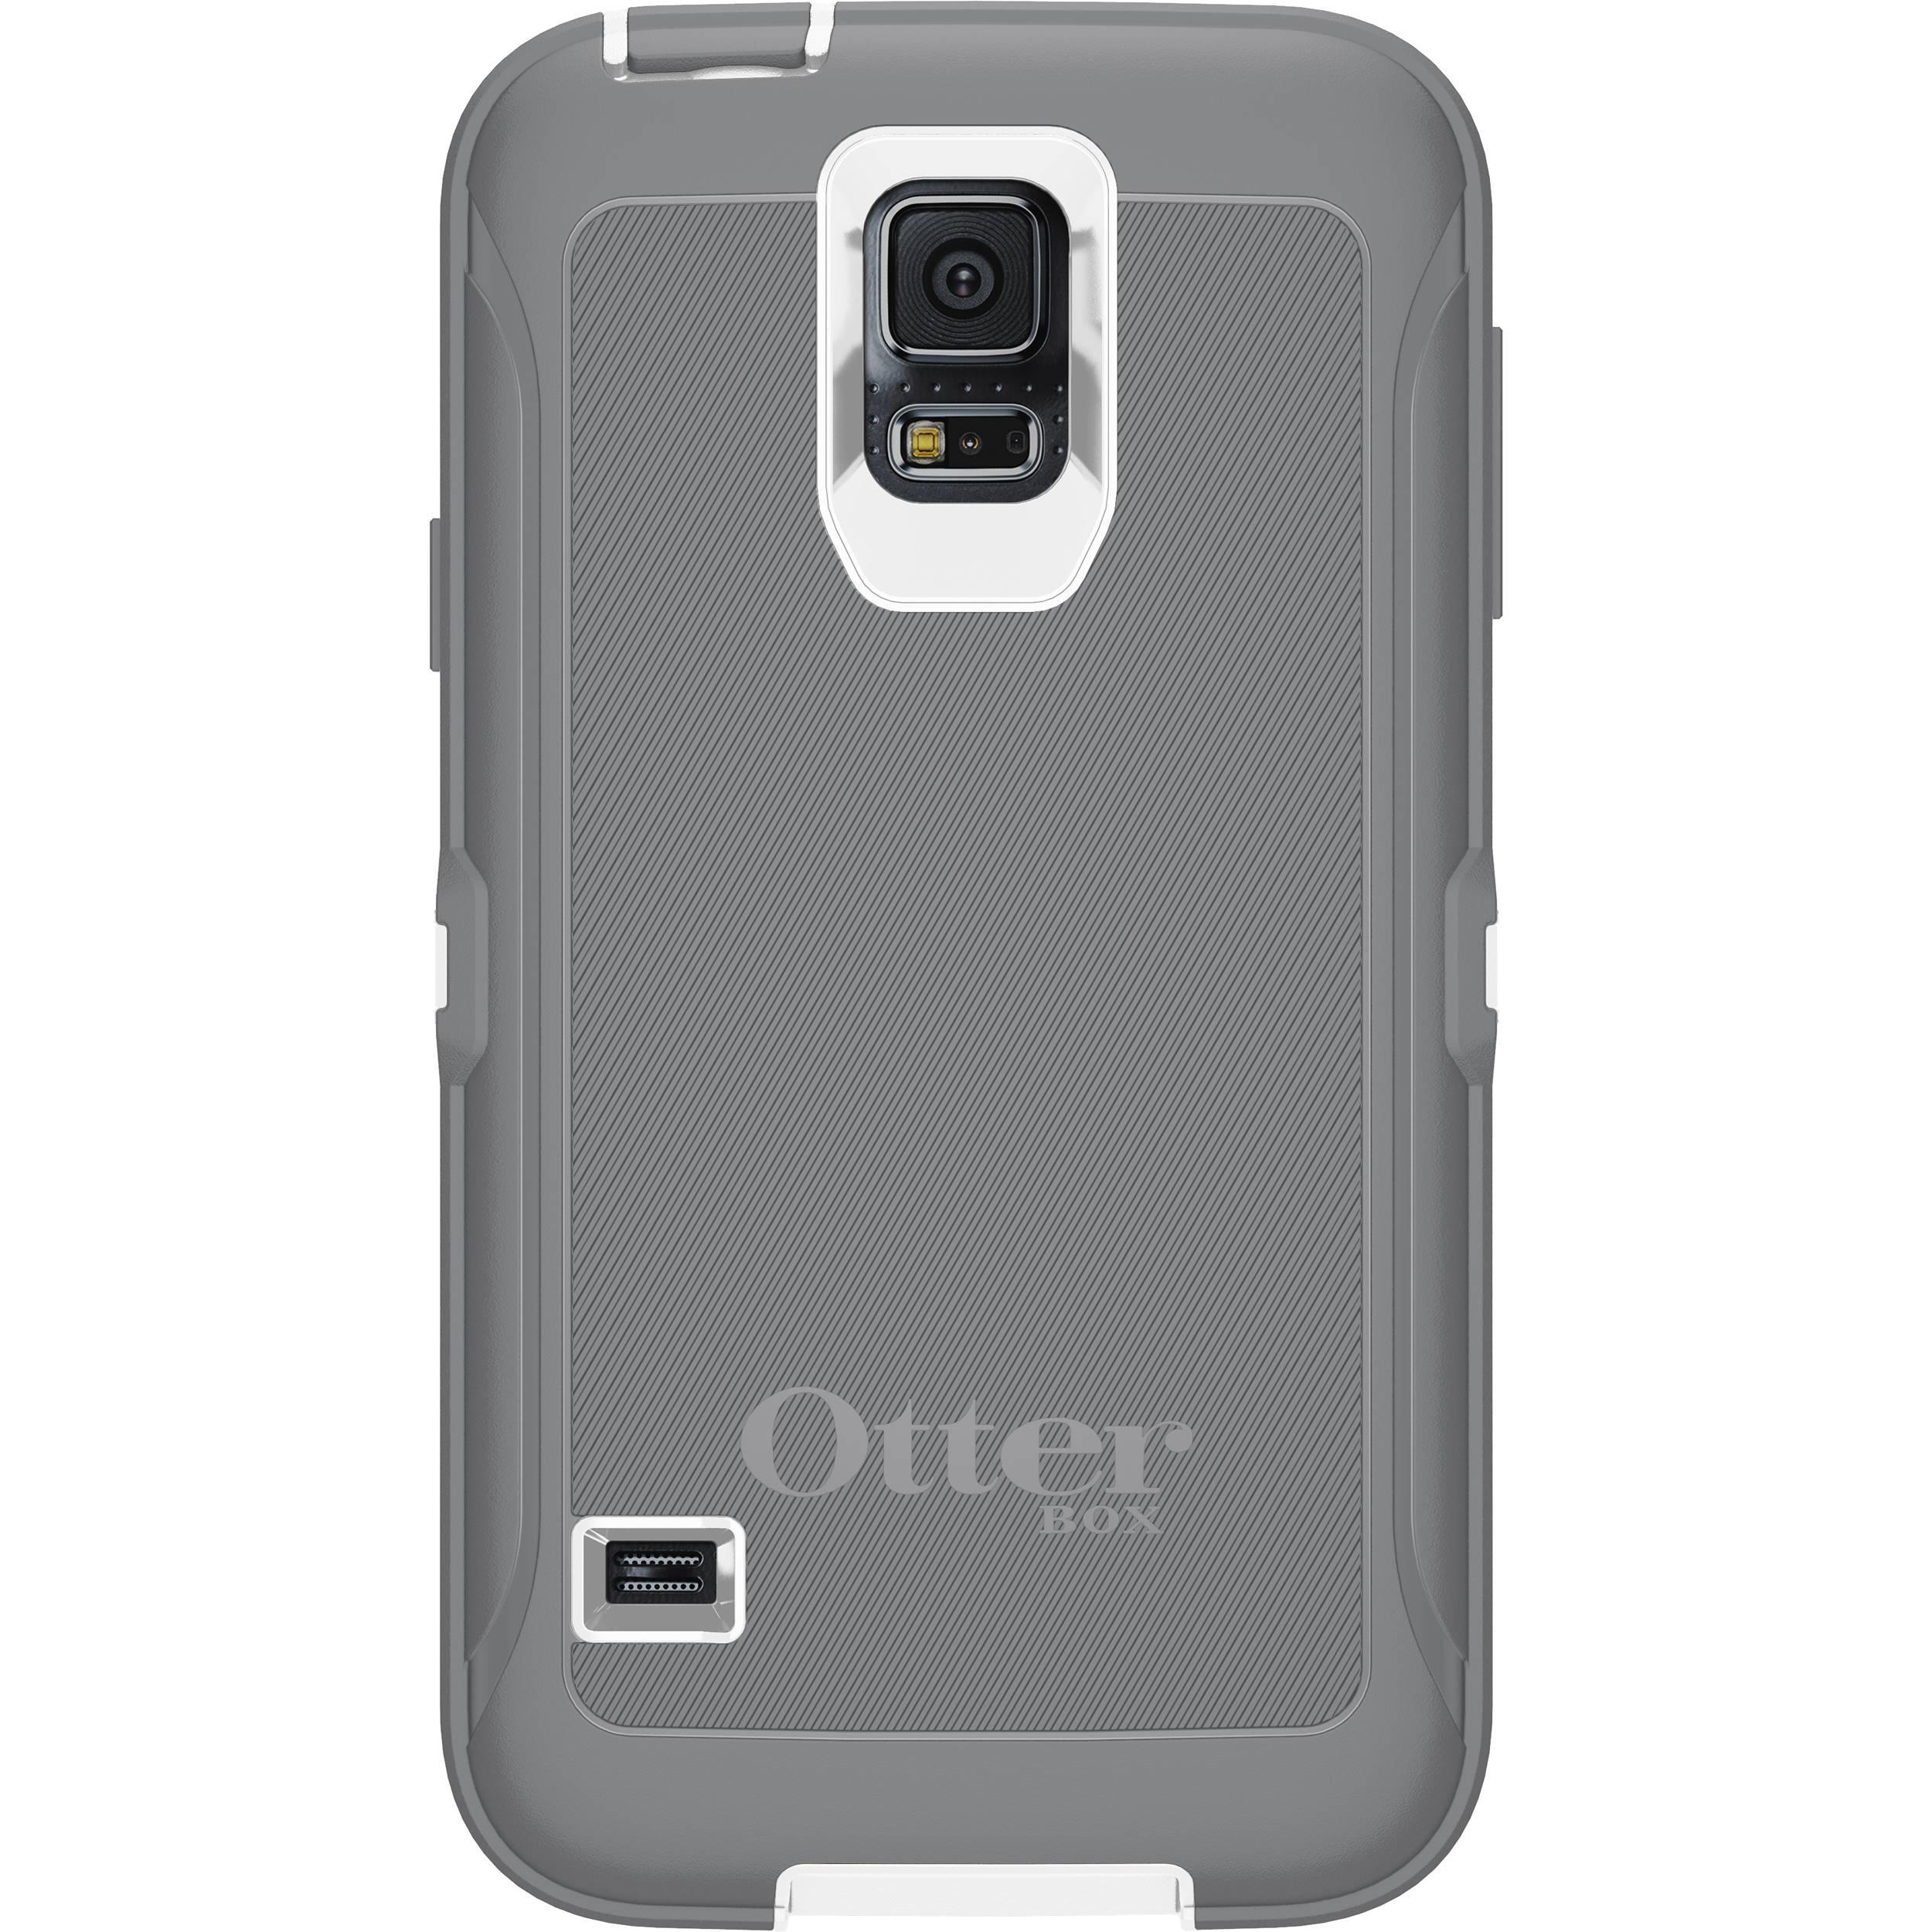 size 40 70a3e b051e OtterBox Defender Series Case for Galaxy S5 (White/Gunmetal Gray)